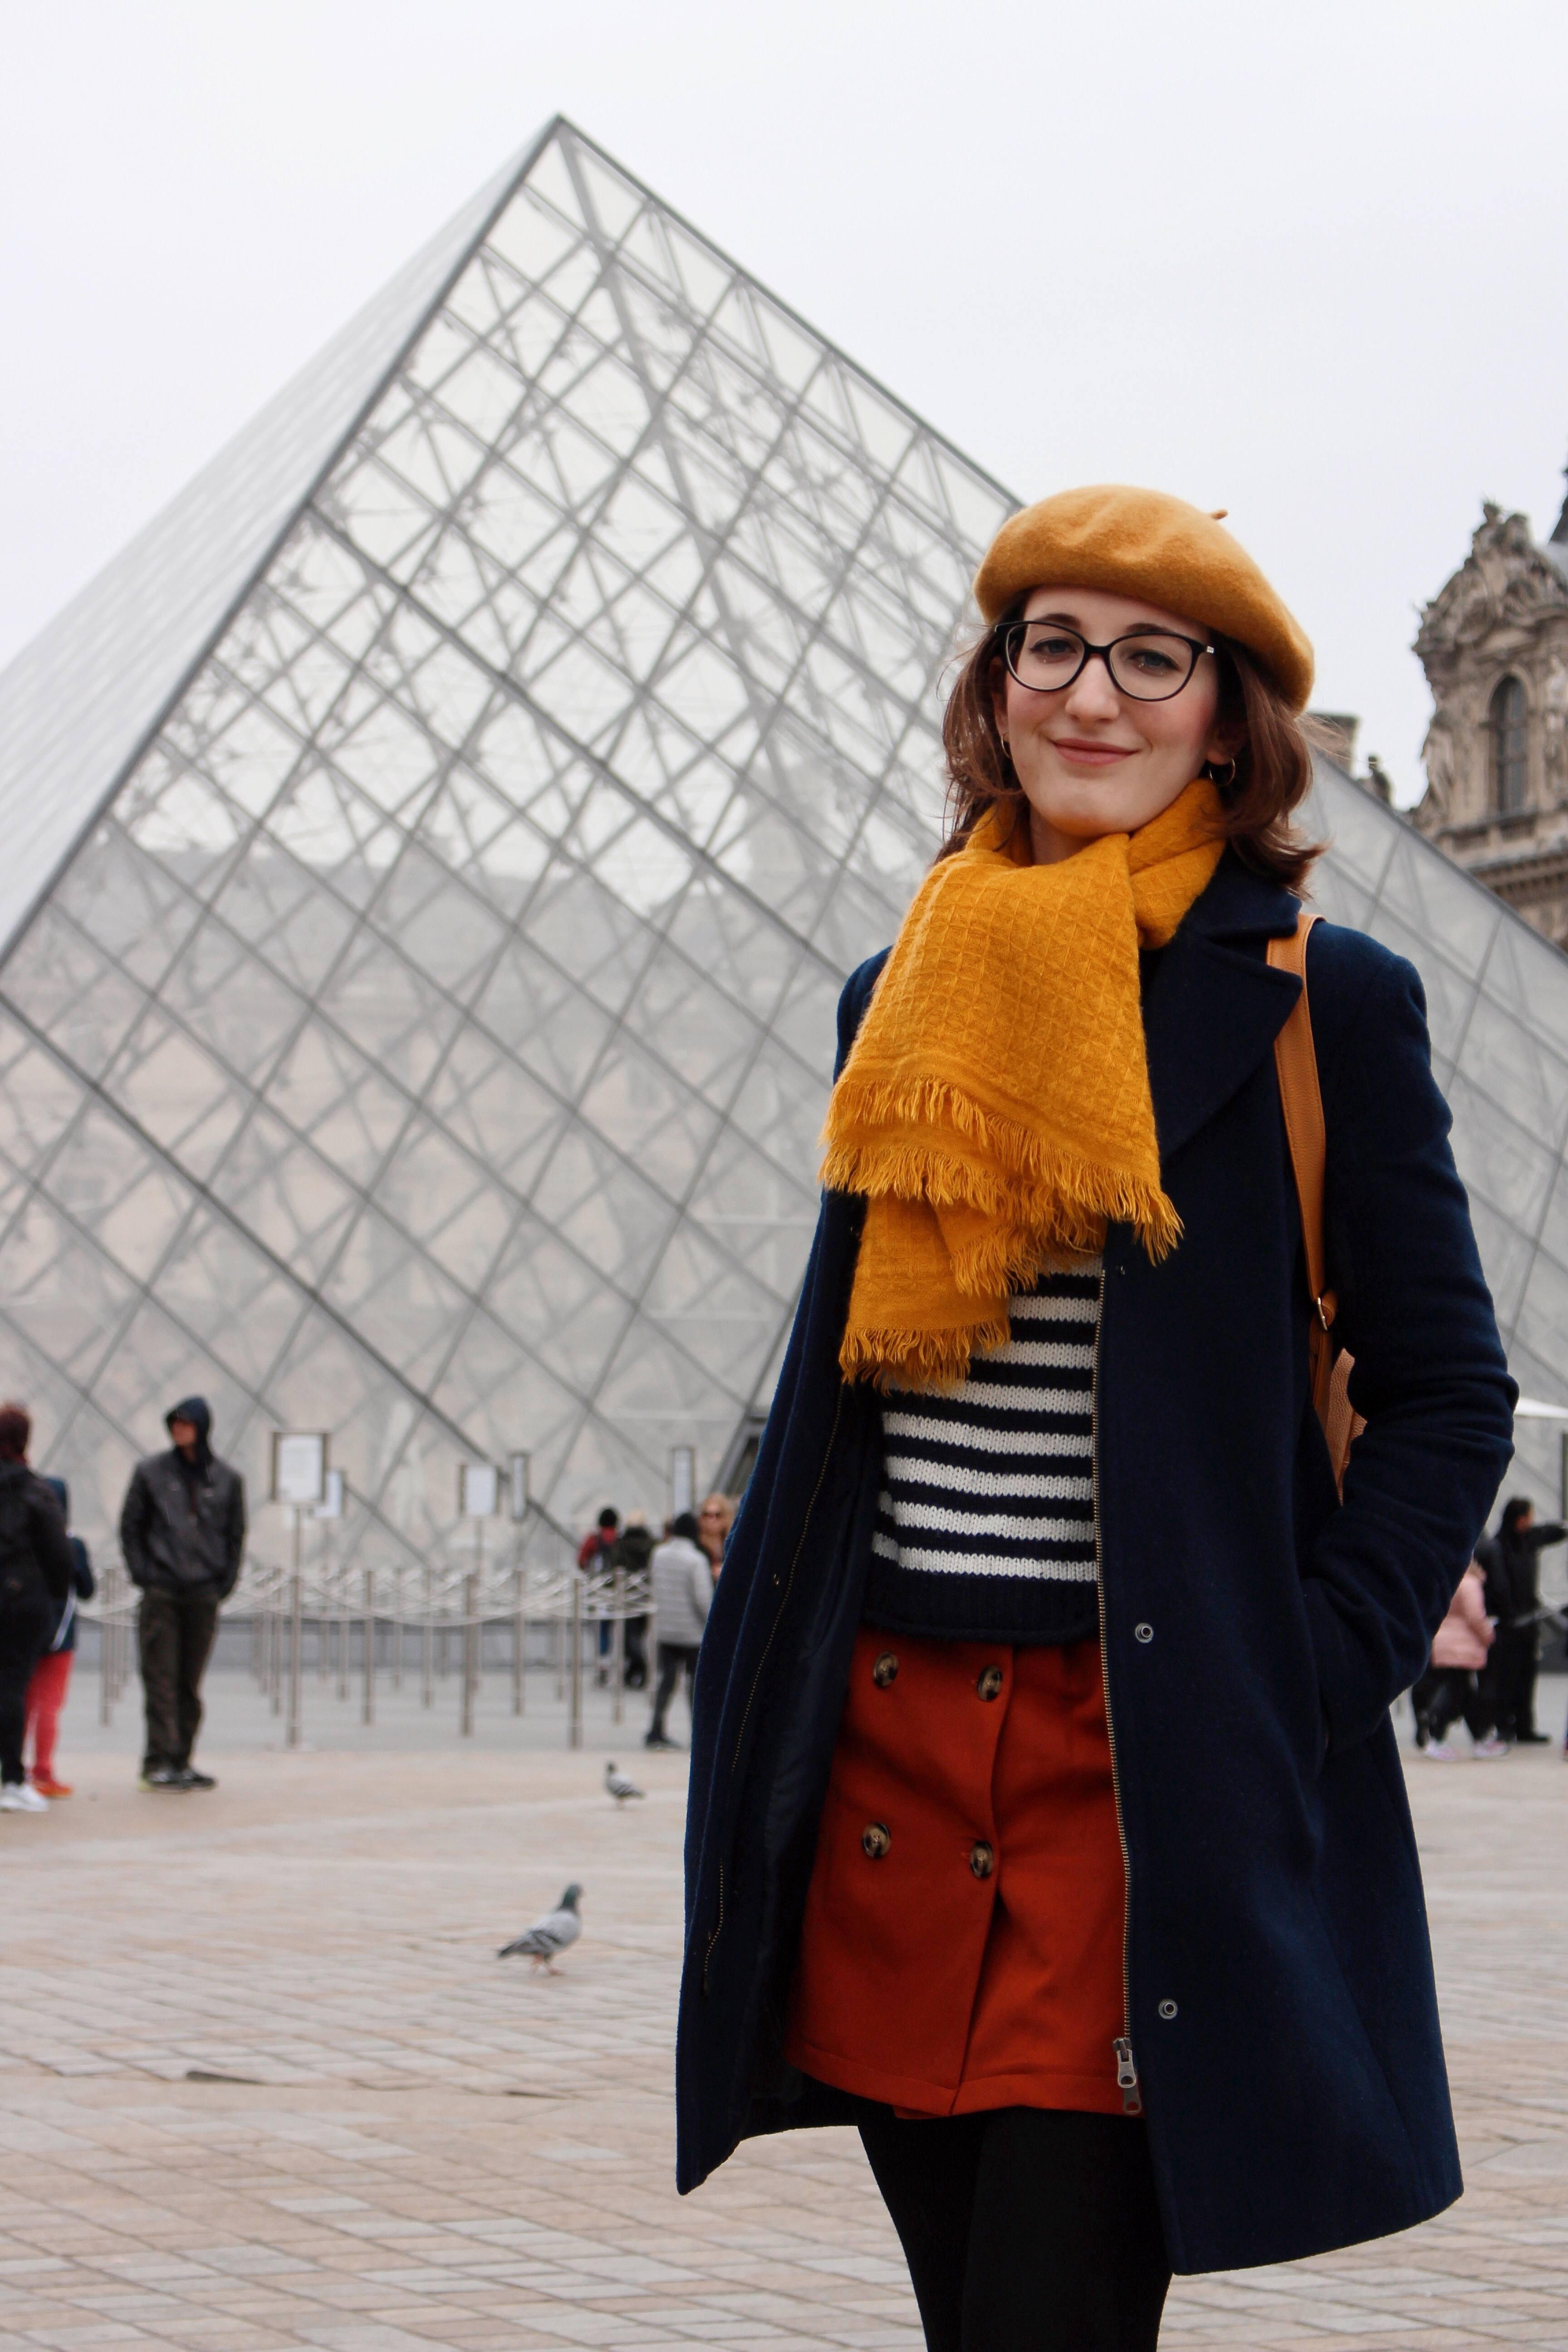 Ultima foto davanti il Louvre